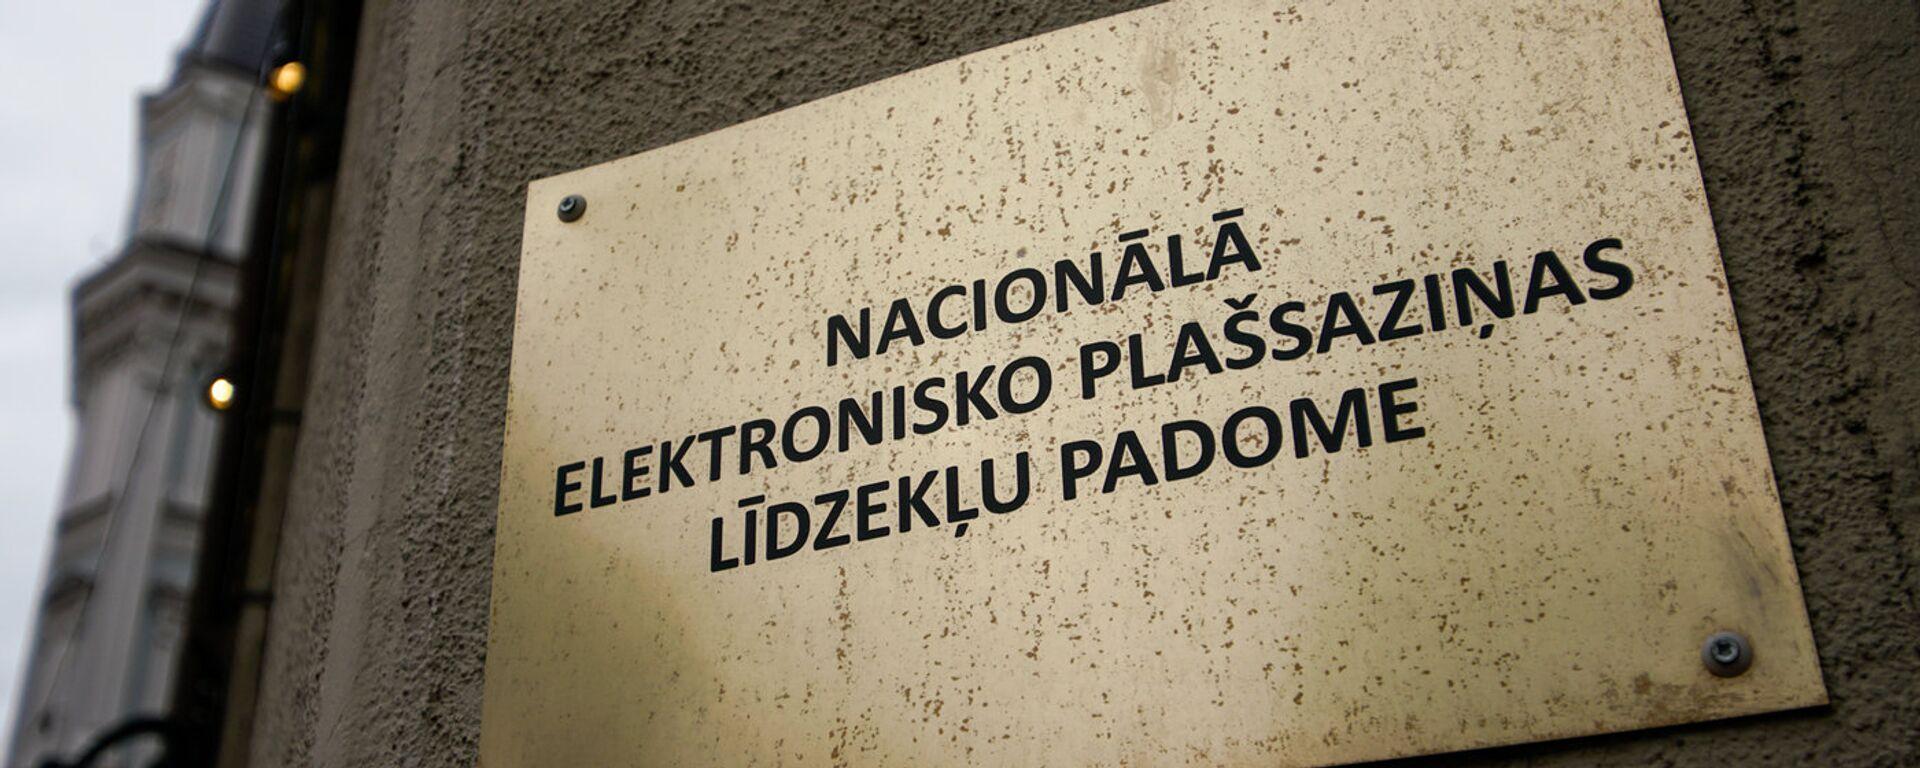 Национальный совет по электронным СМИ - Sputnik Латвия, 1920, 01.07.2021